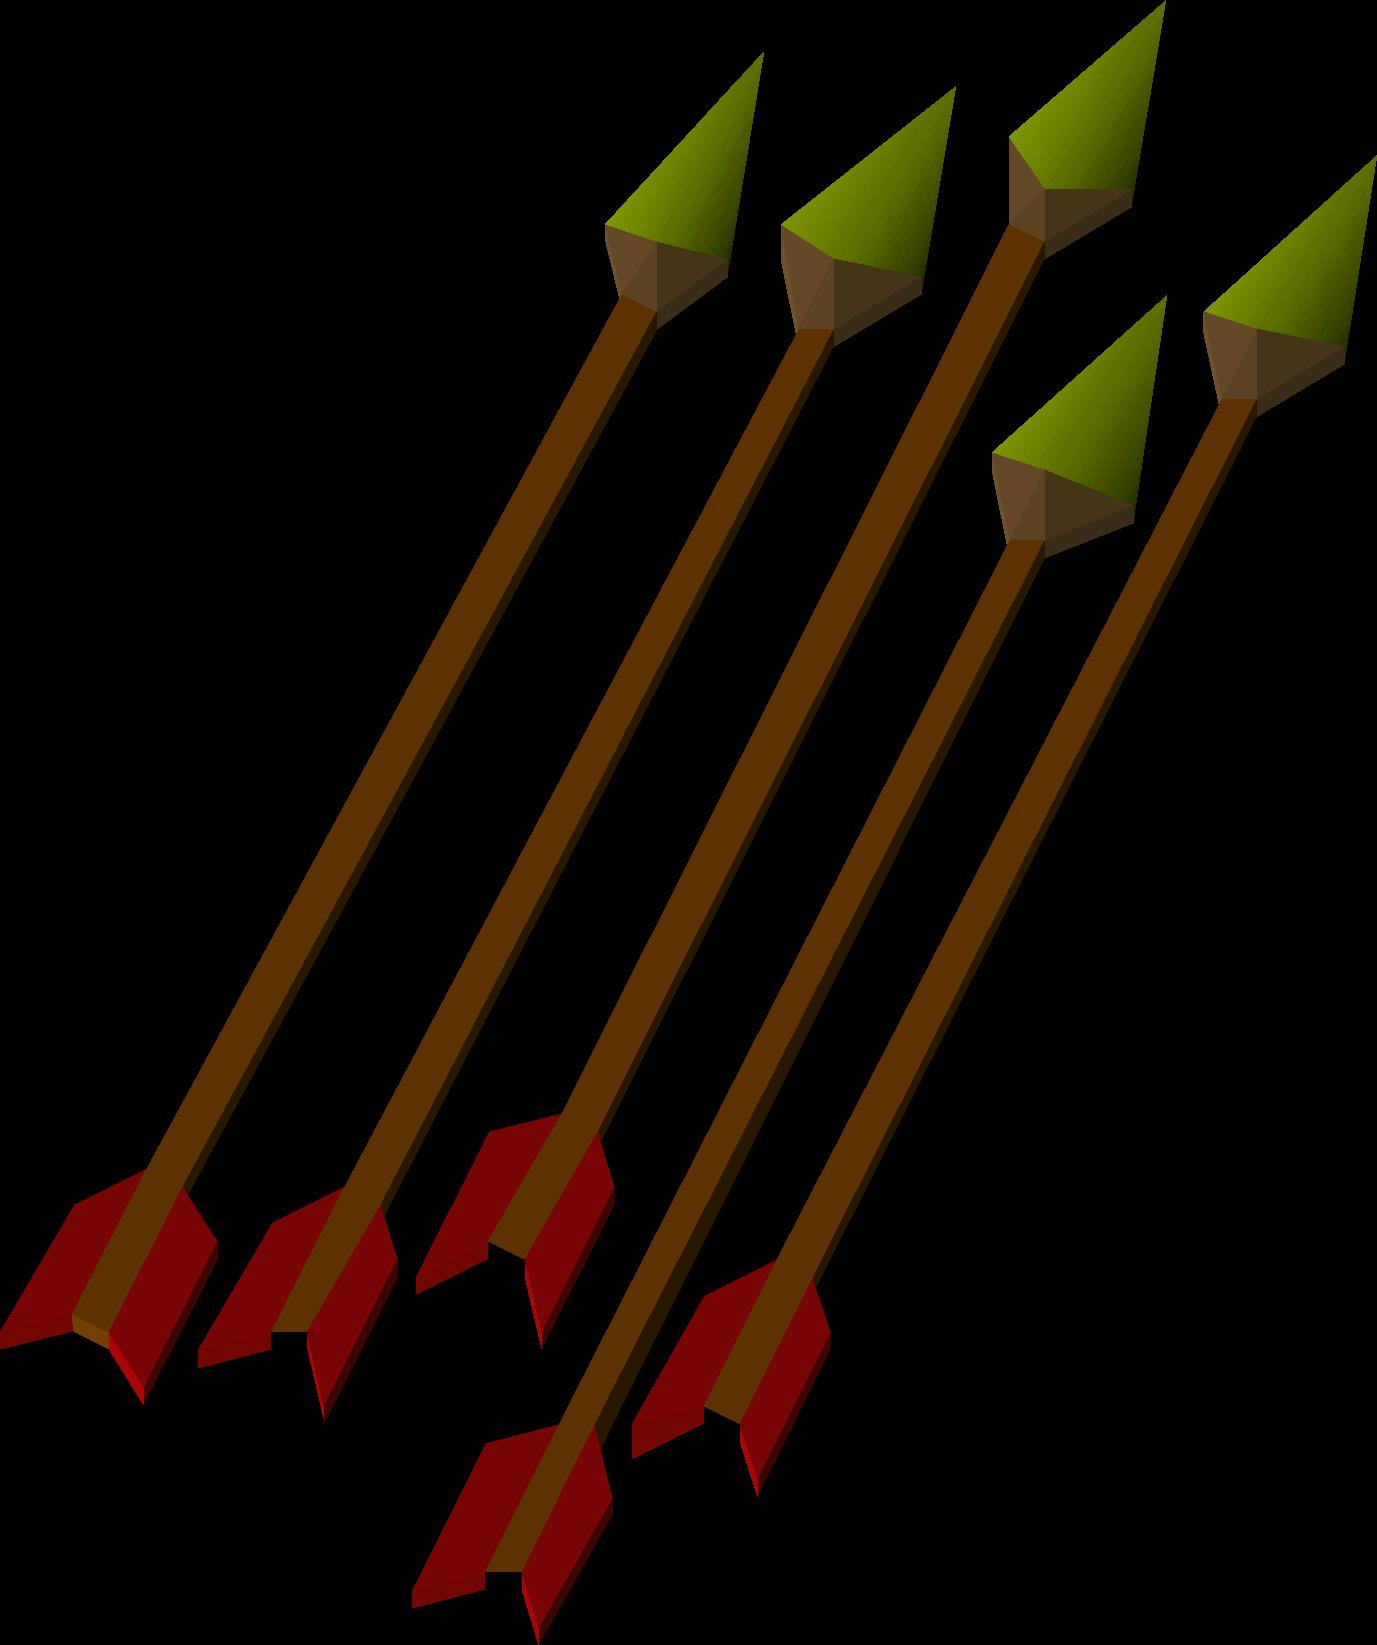 Arrow fletch clipart black jpg free download Bronze arrow | Old School RuneScape Wiki | FANDOM powered by Wikia jpg free download